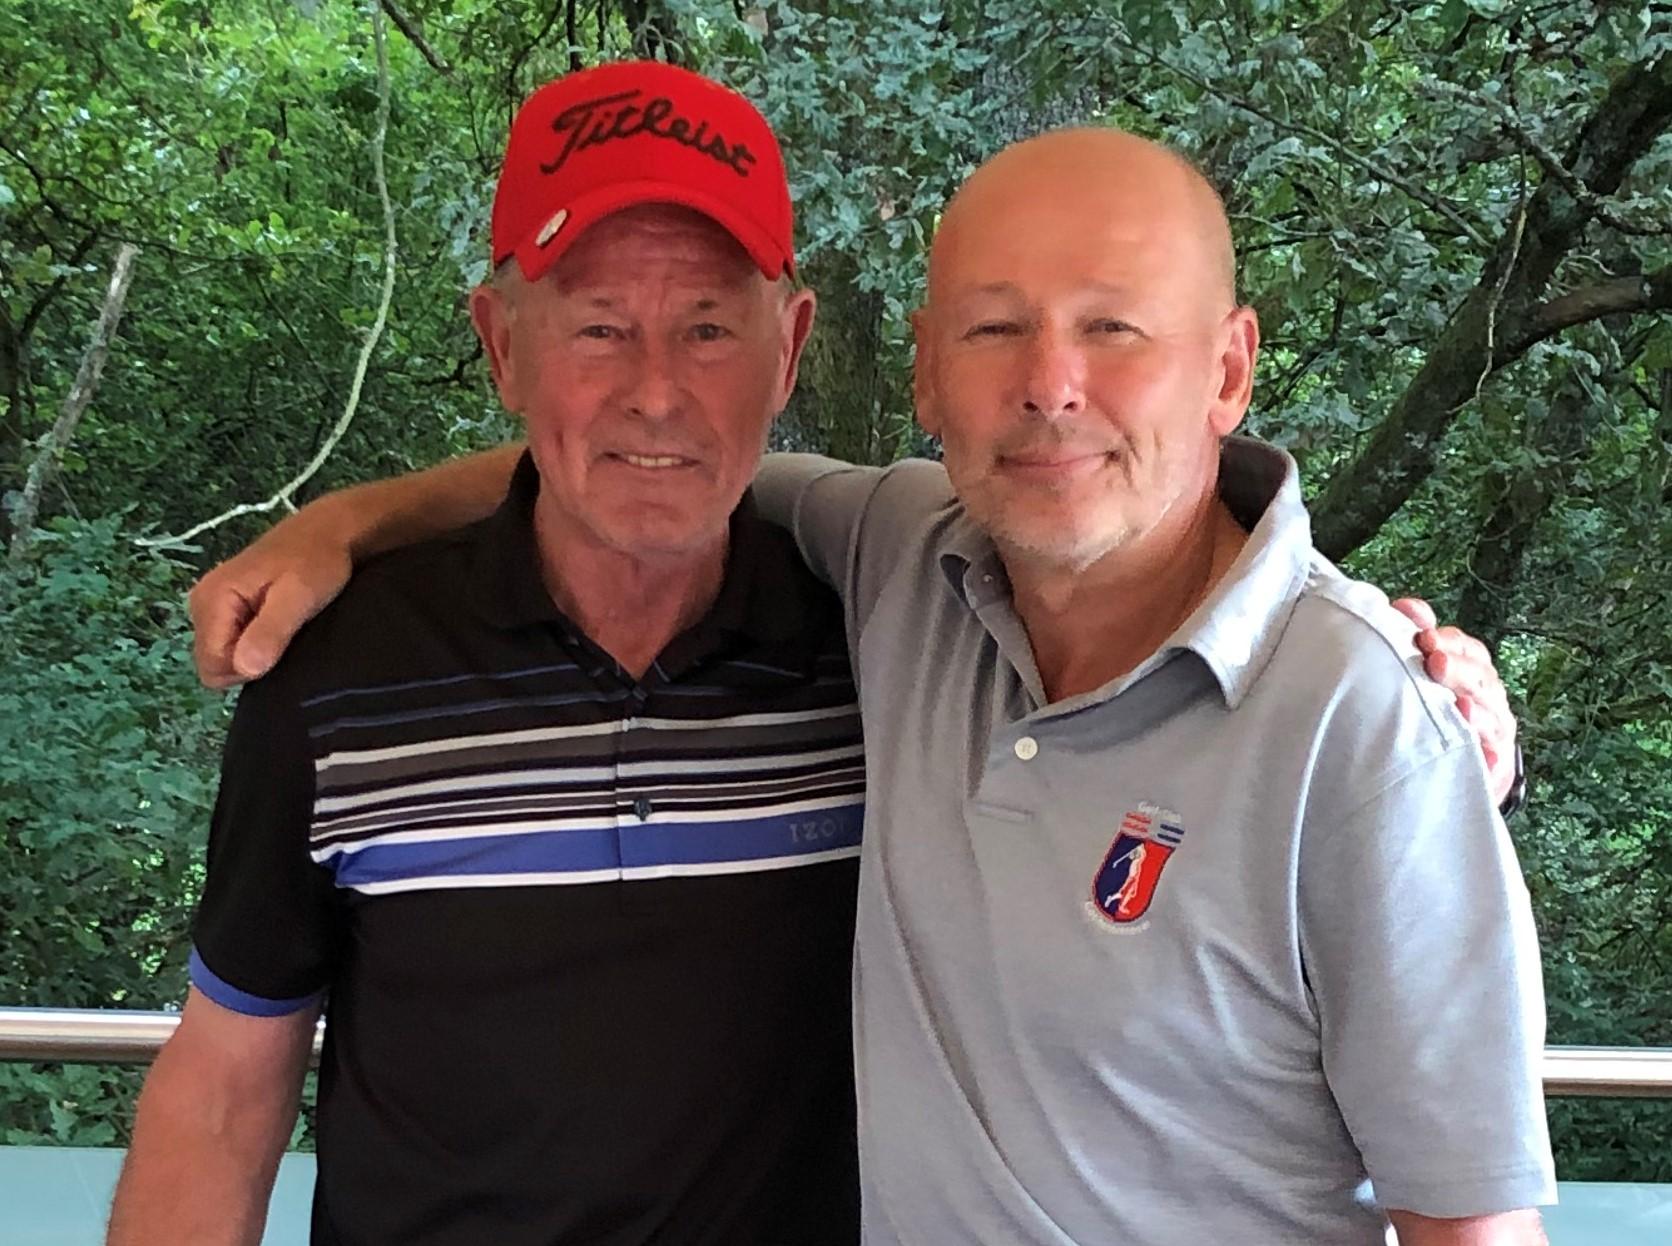 Brutto Sieger Men's Day Golf